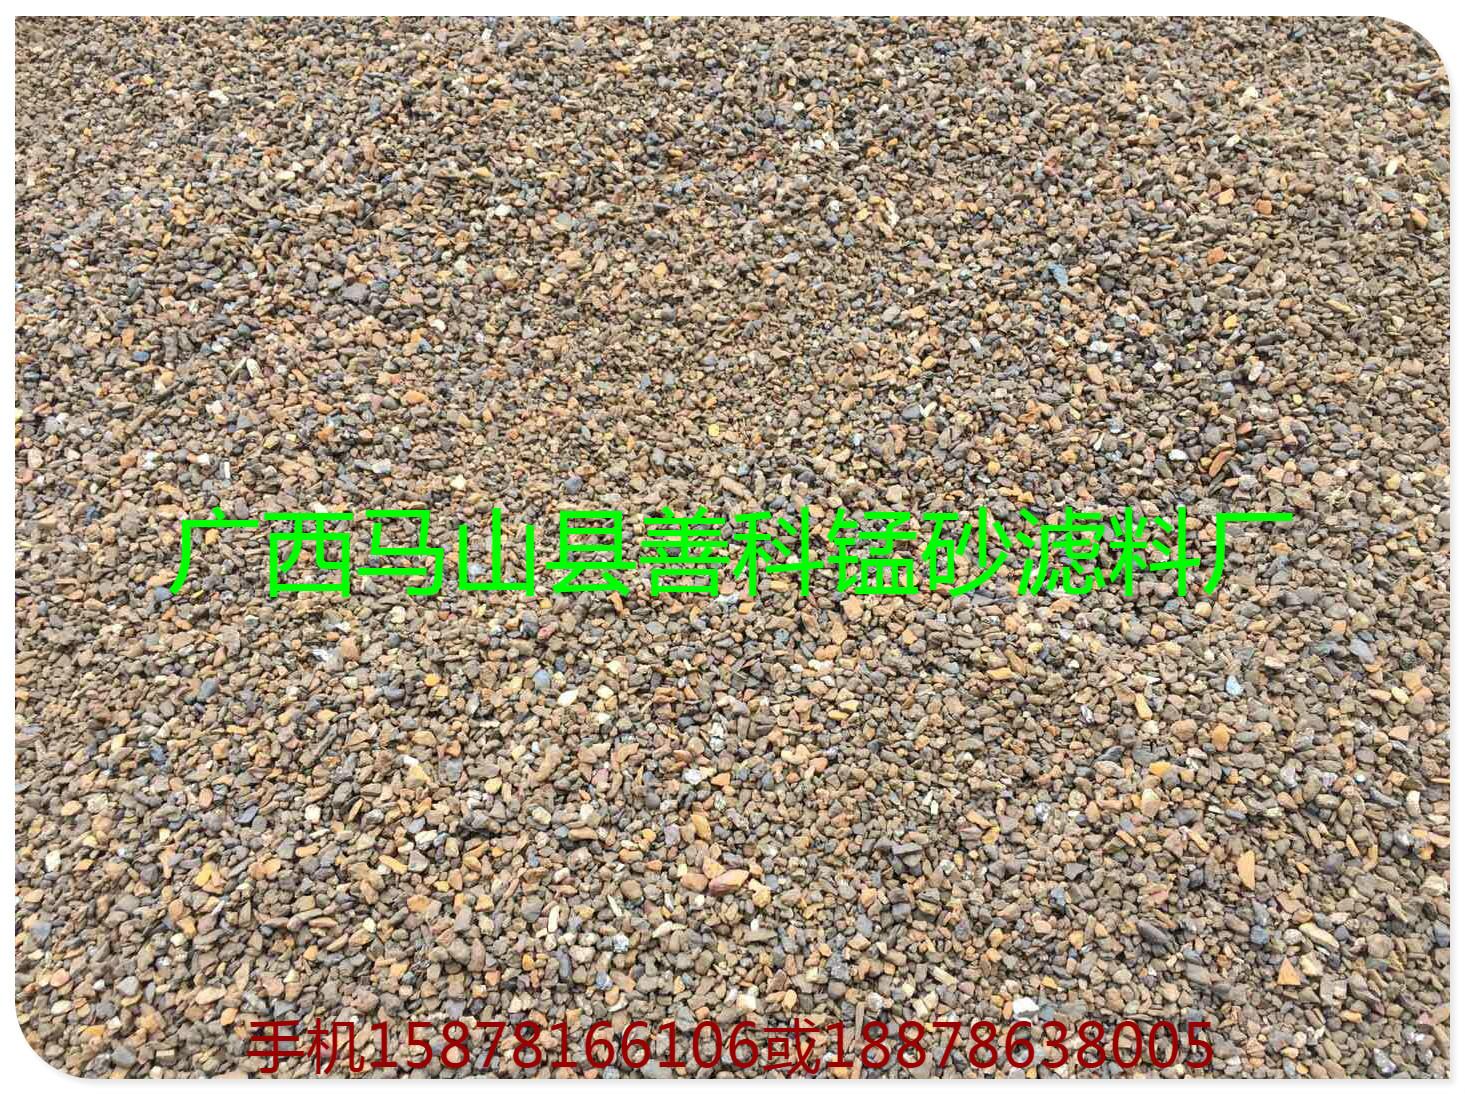 【活性炭滤料】锰砂滤料生产厂家/供应2至4mm锰砂滤料/锰砂滤料供应商/锰砂滤料厂家/锰砂滤料价格